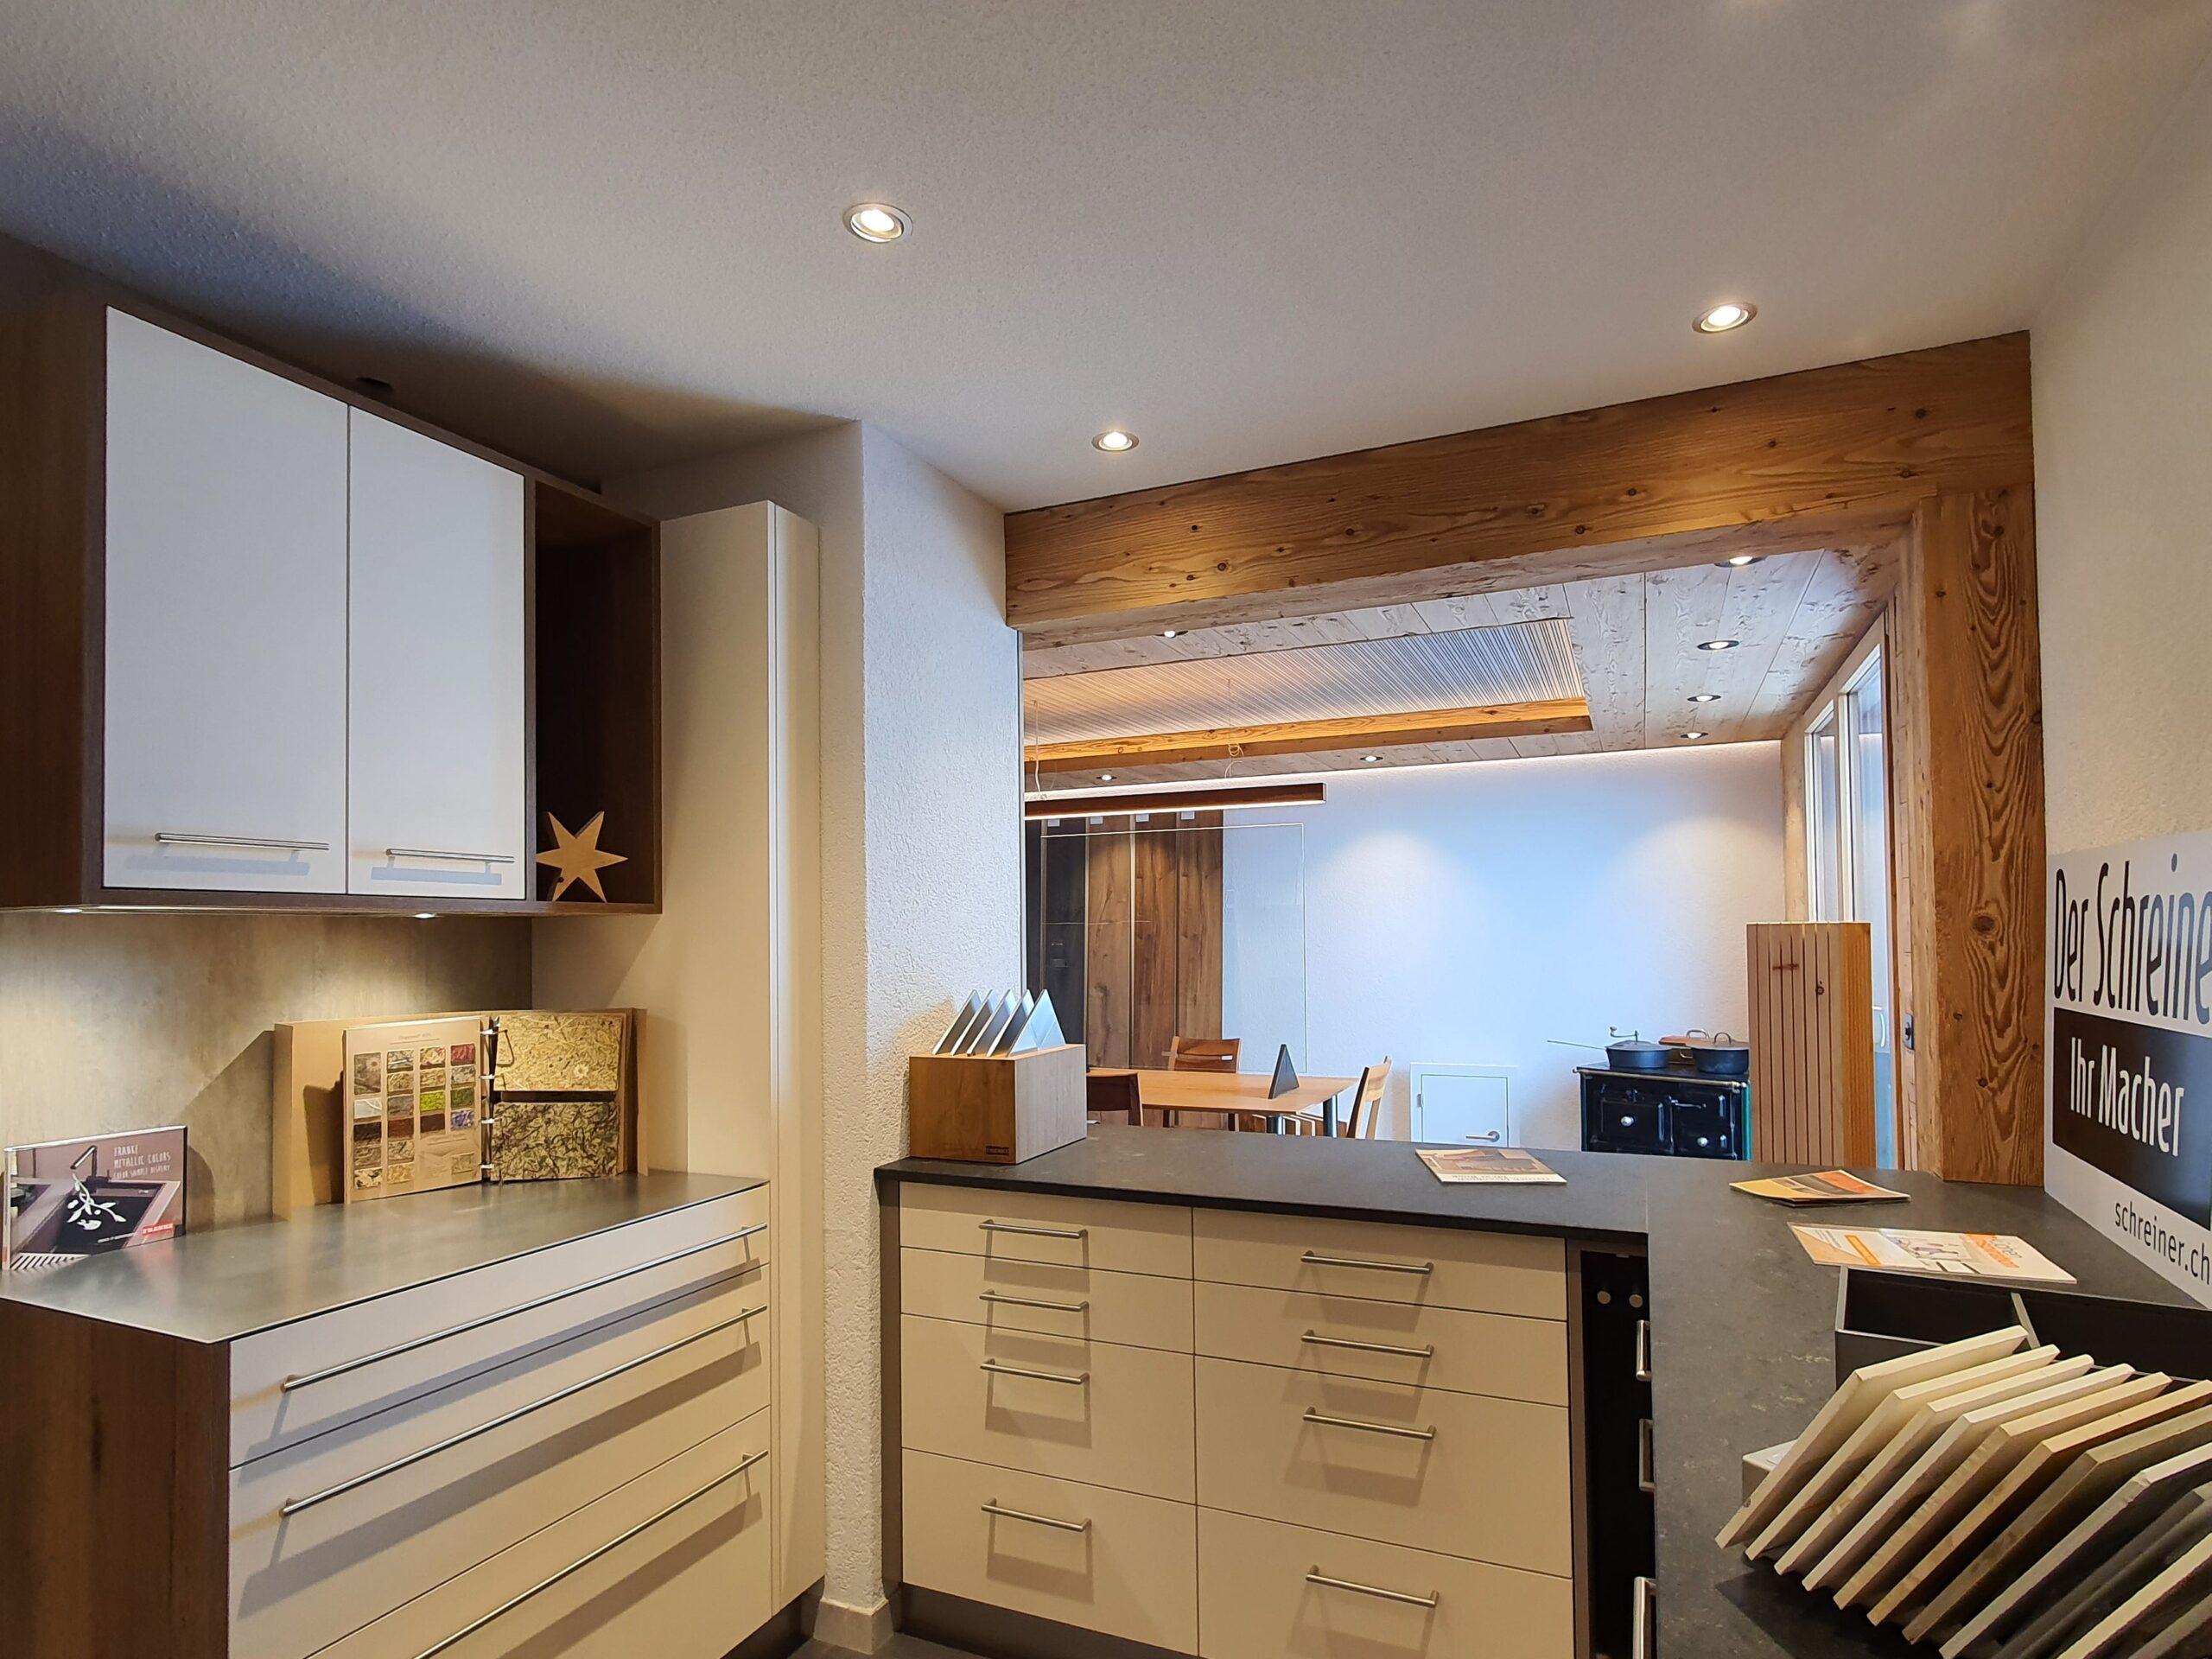 Wooddesign_Holzleuchten_LED-Beleuchtung_Licht_Indirekte Beleuchtung_Direkte Beleuchtung_Holzdesign (32)-min